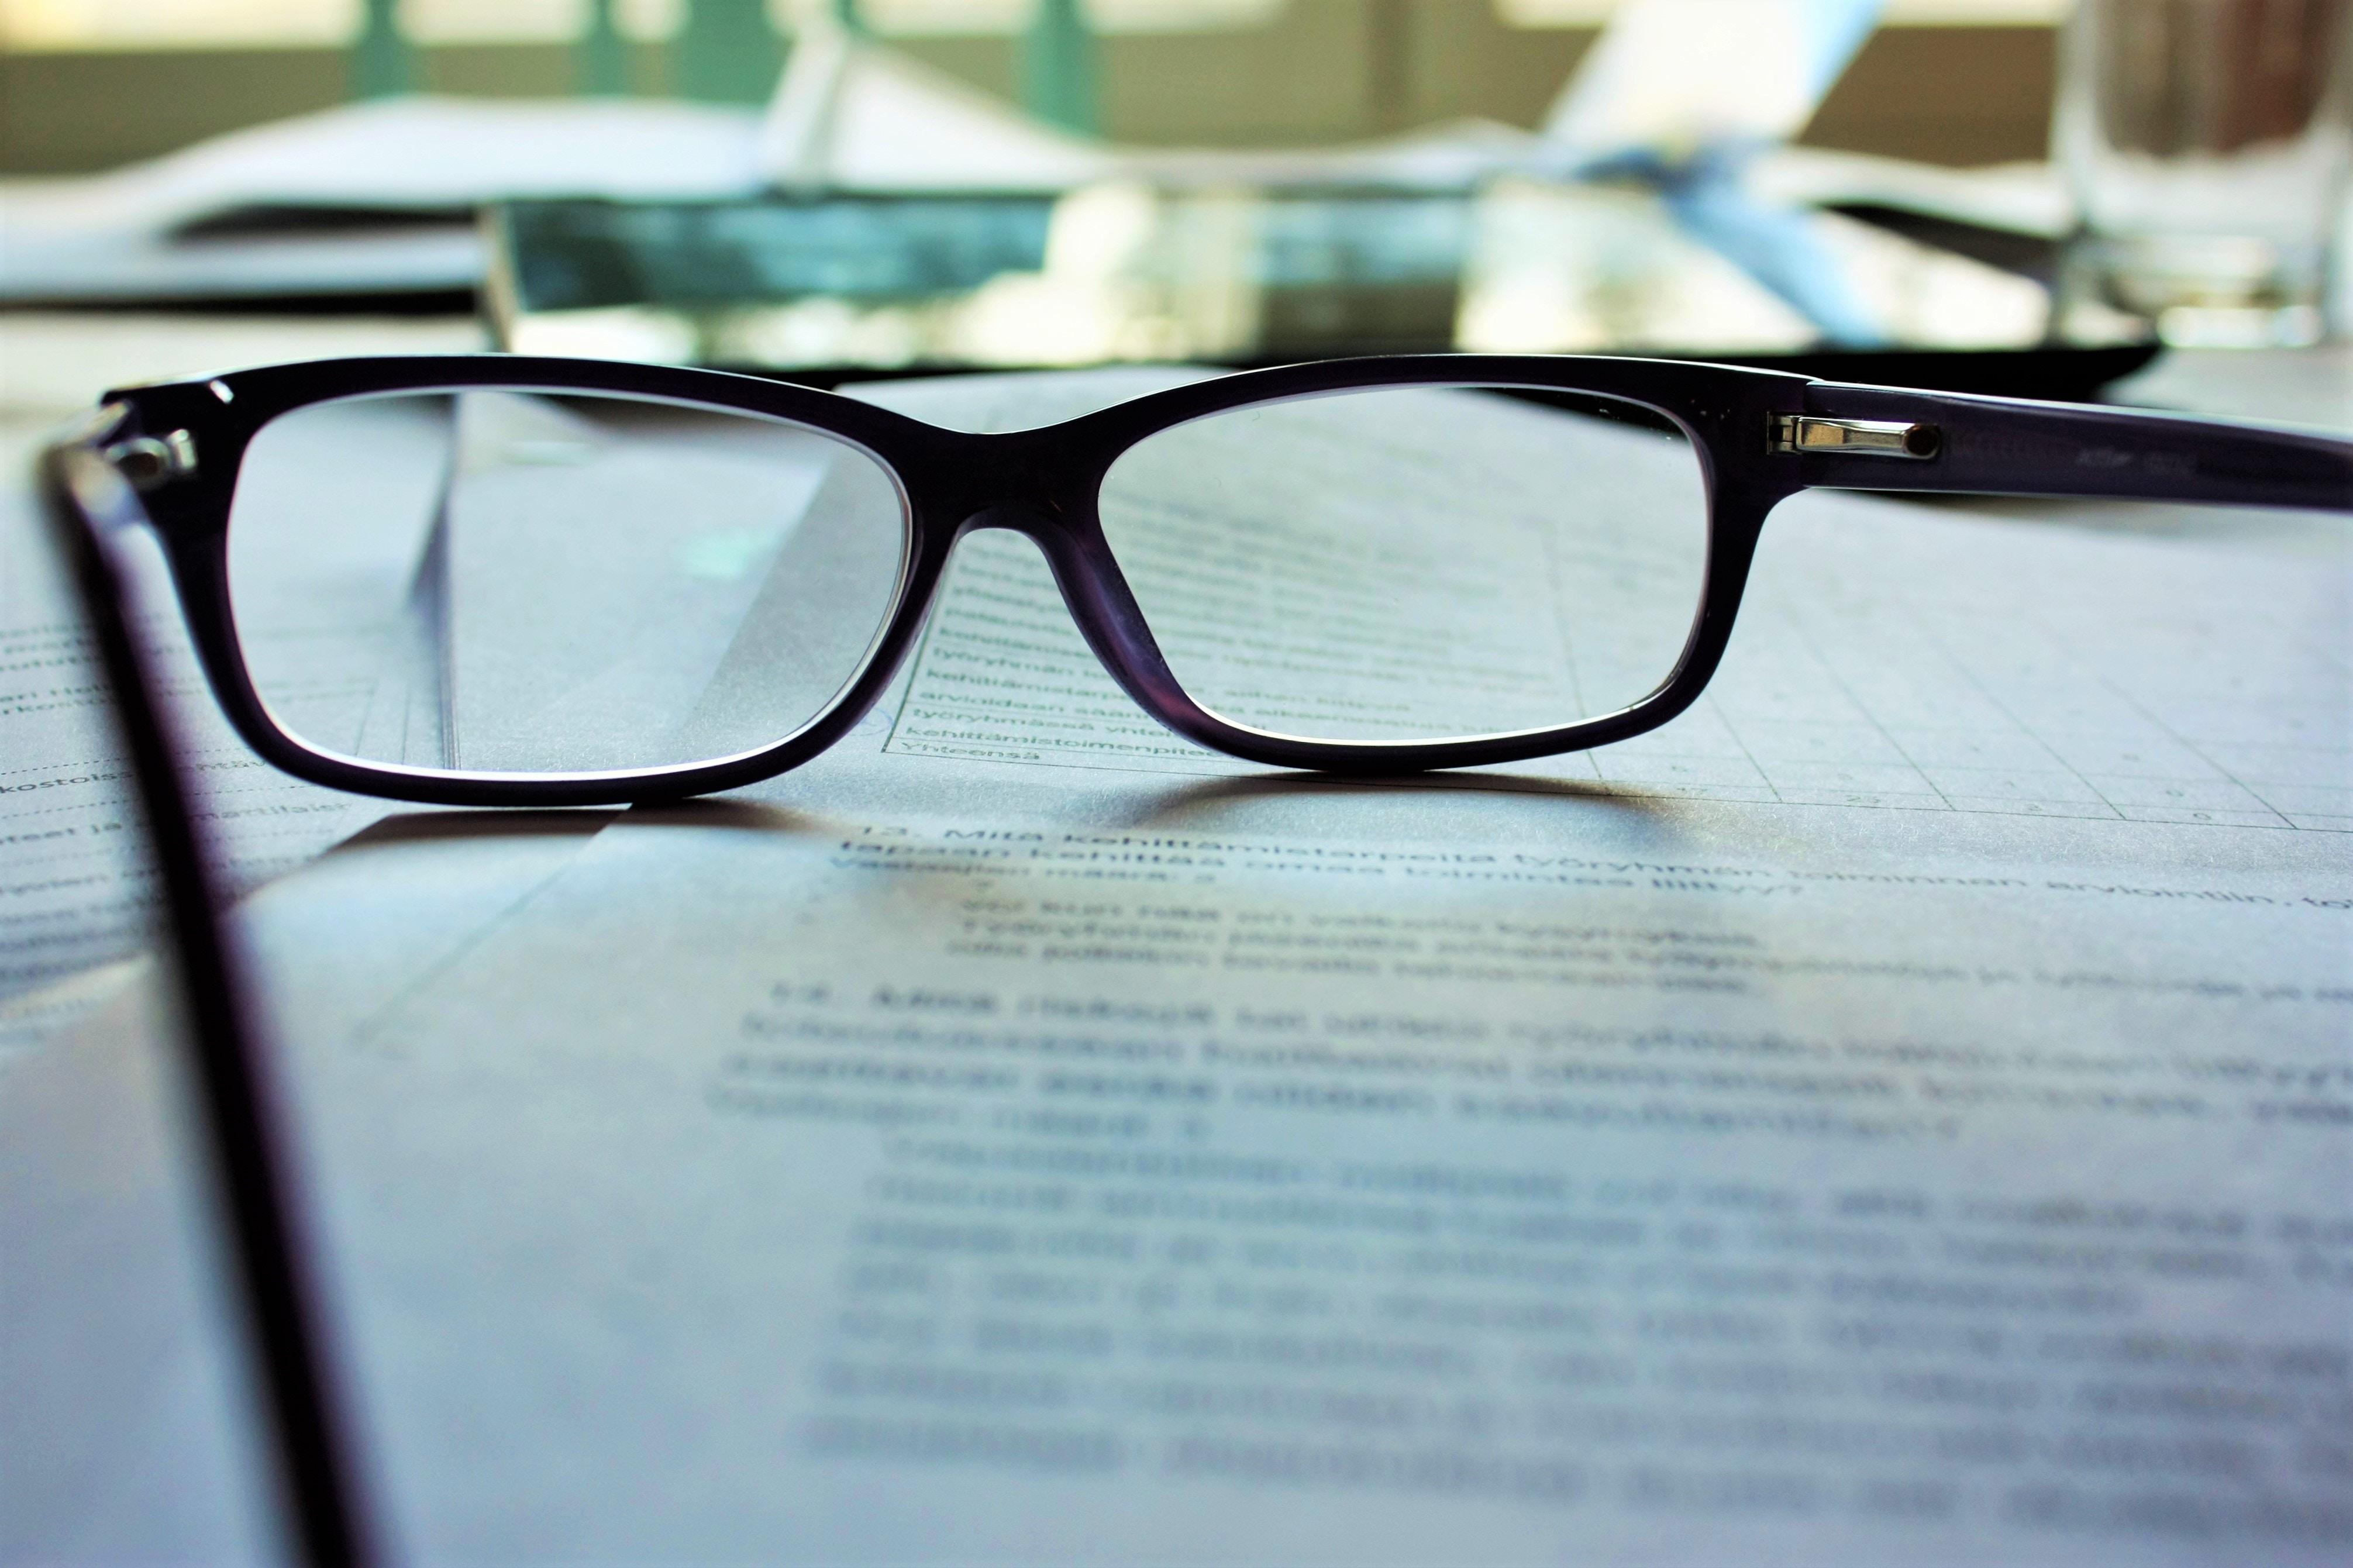 Доначисления по итогам налоговой проверки не могут быть основанием для расторжения договора поставки покупателем